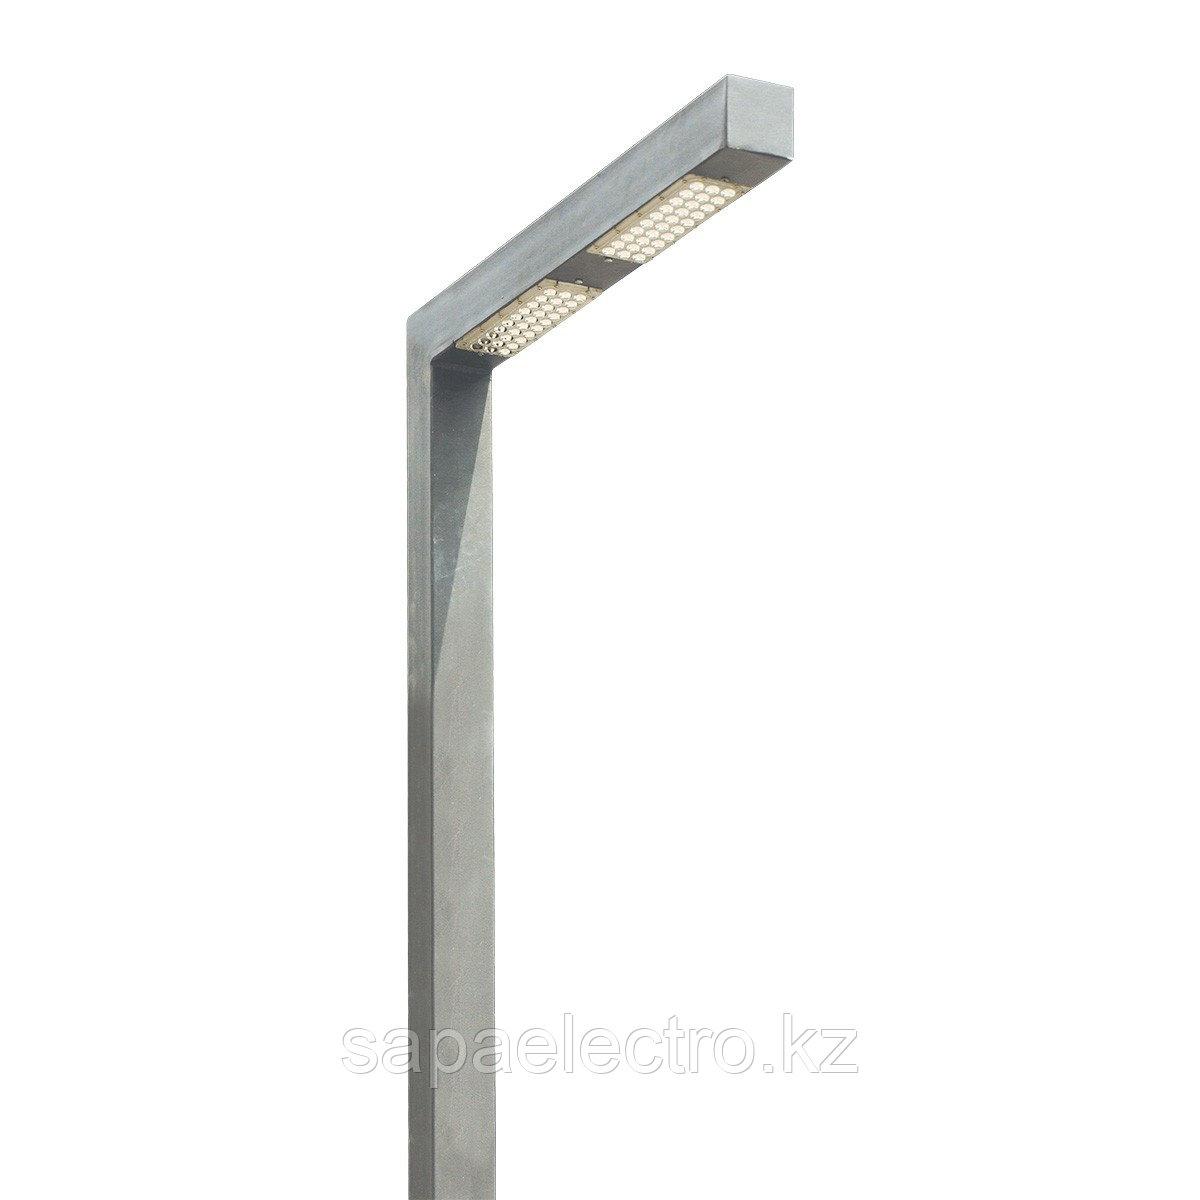 Св-к Профильный LED 60W 80х80 GREY H-5м MEGALUX 1шт